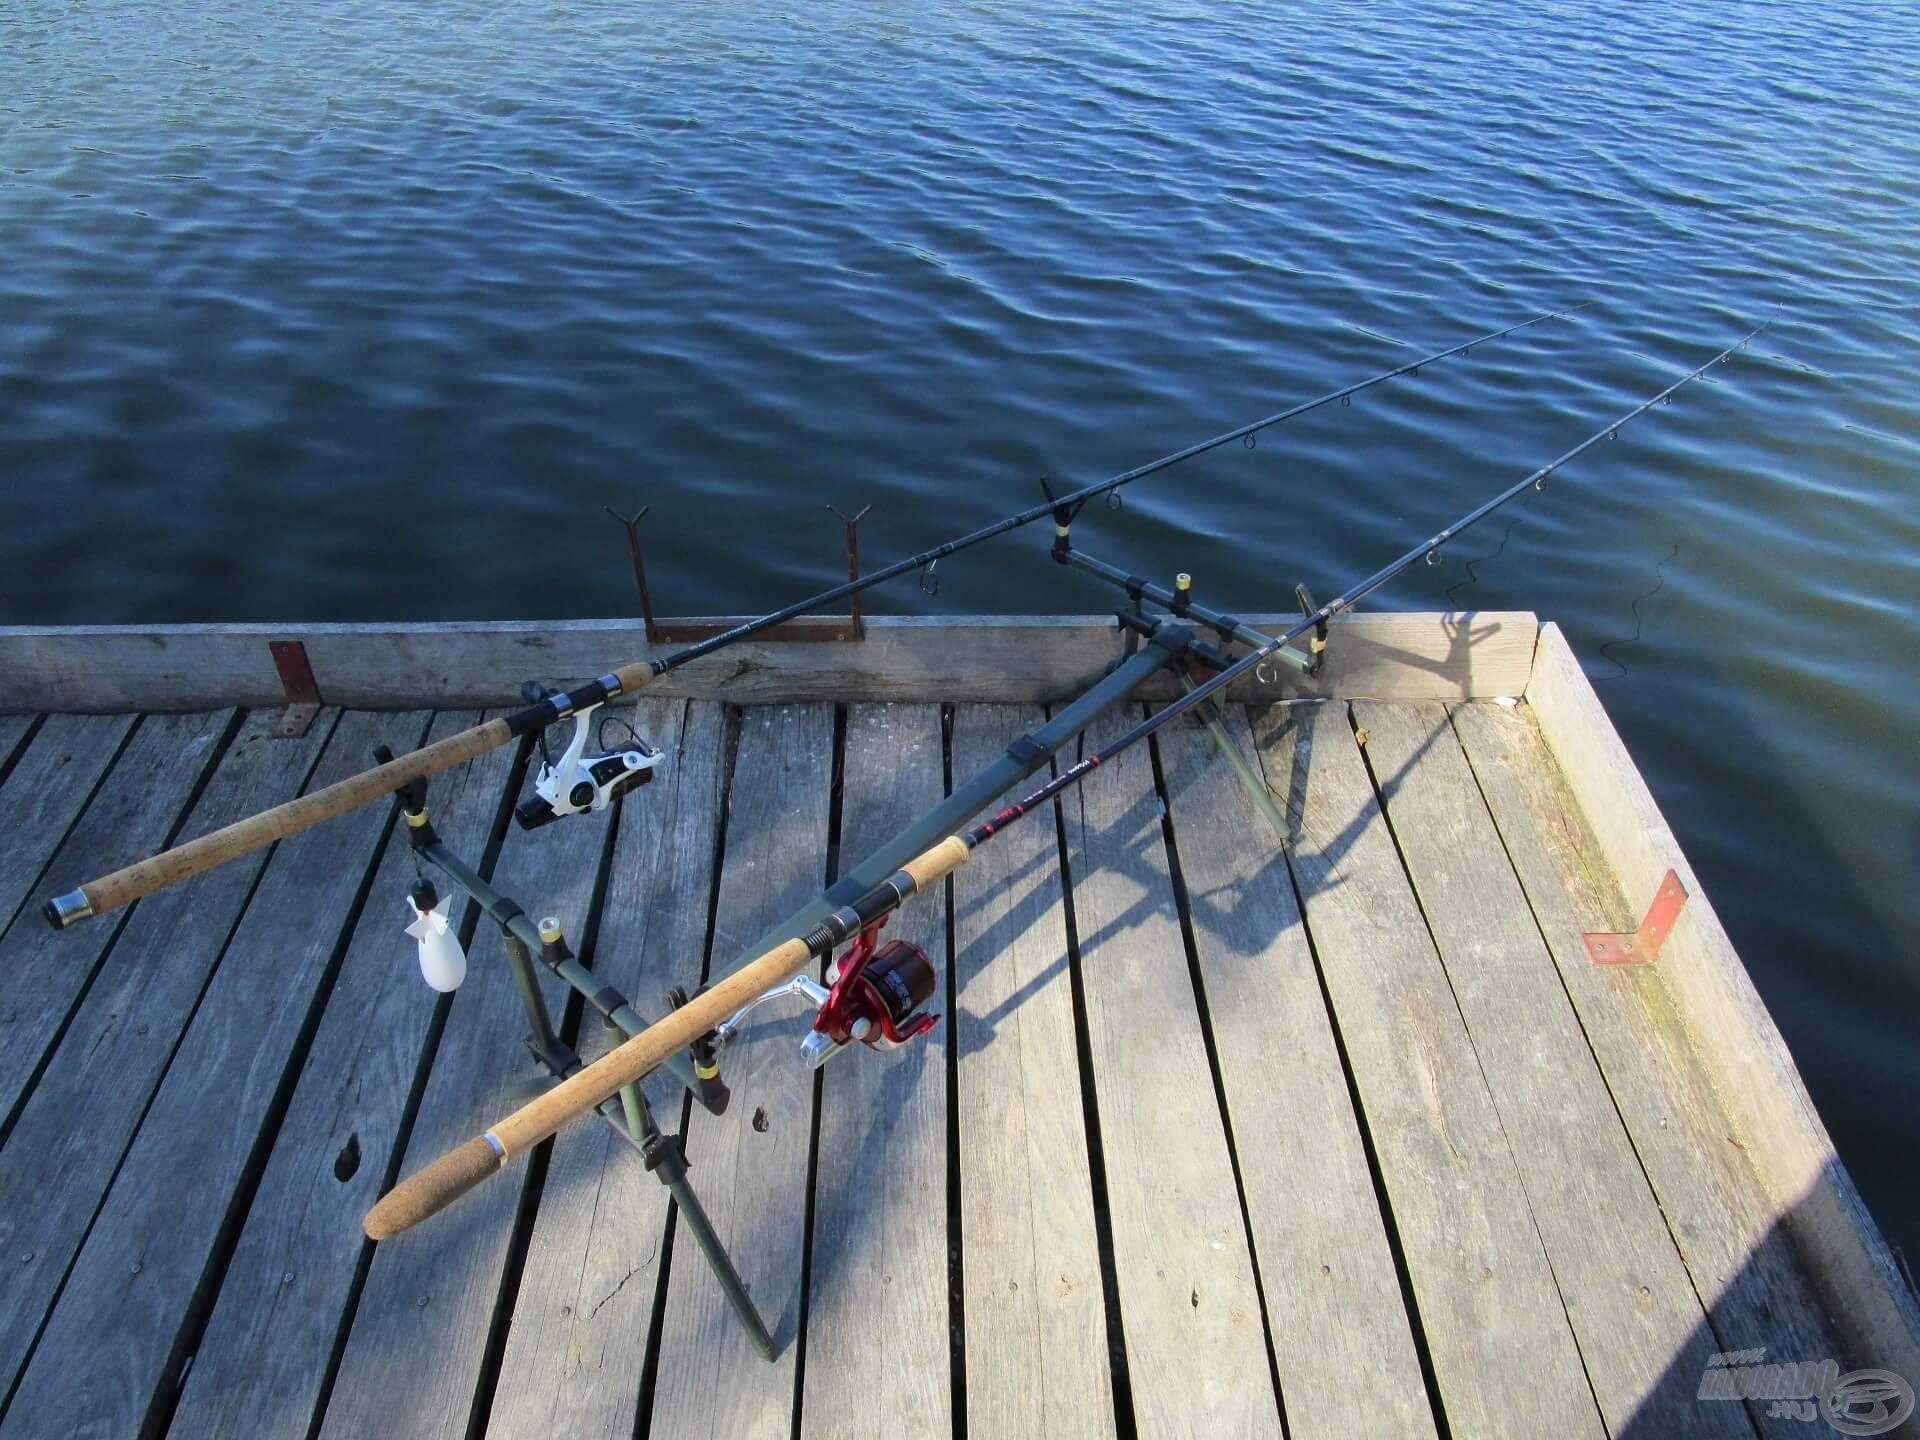 Az etetést könnyen meg tudtam horgászni a 3,60-as bottal, a kereső horgászathoz a hosszabb pálcát használtam